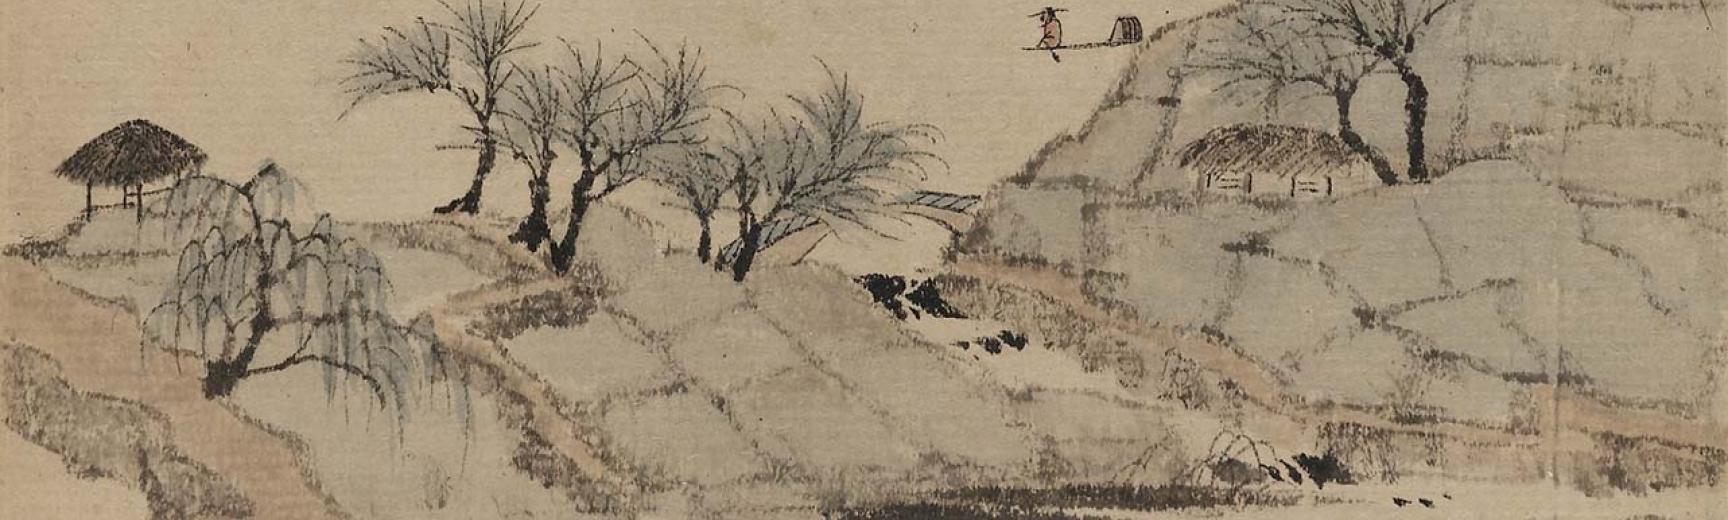 River landscape (EA1980.142)